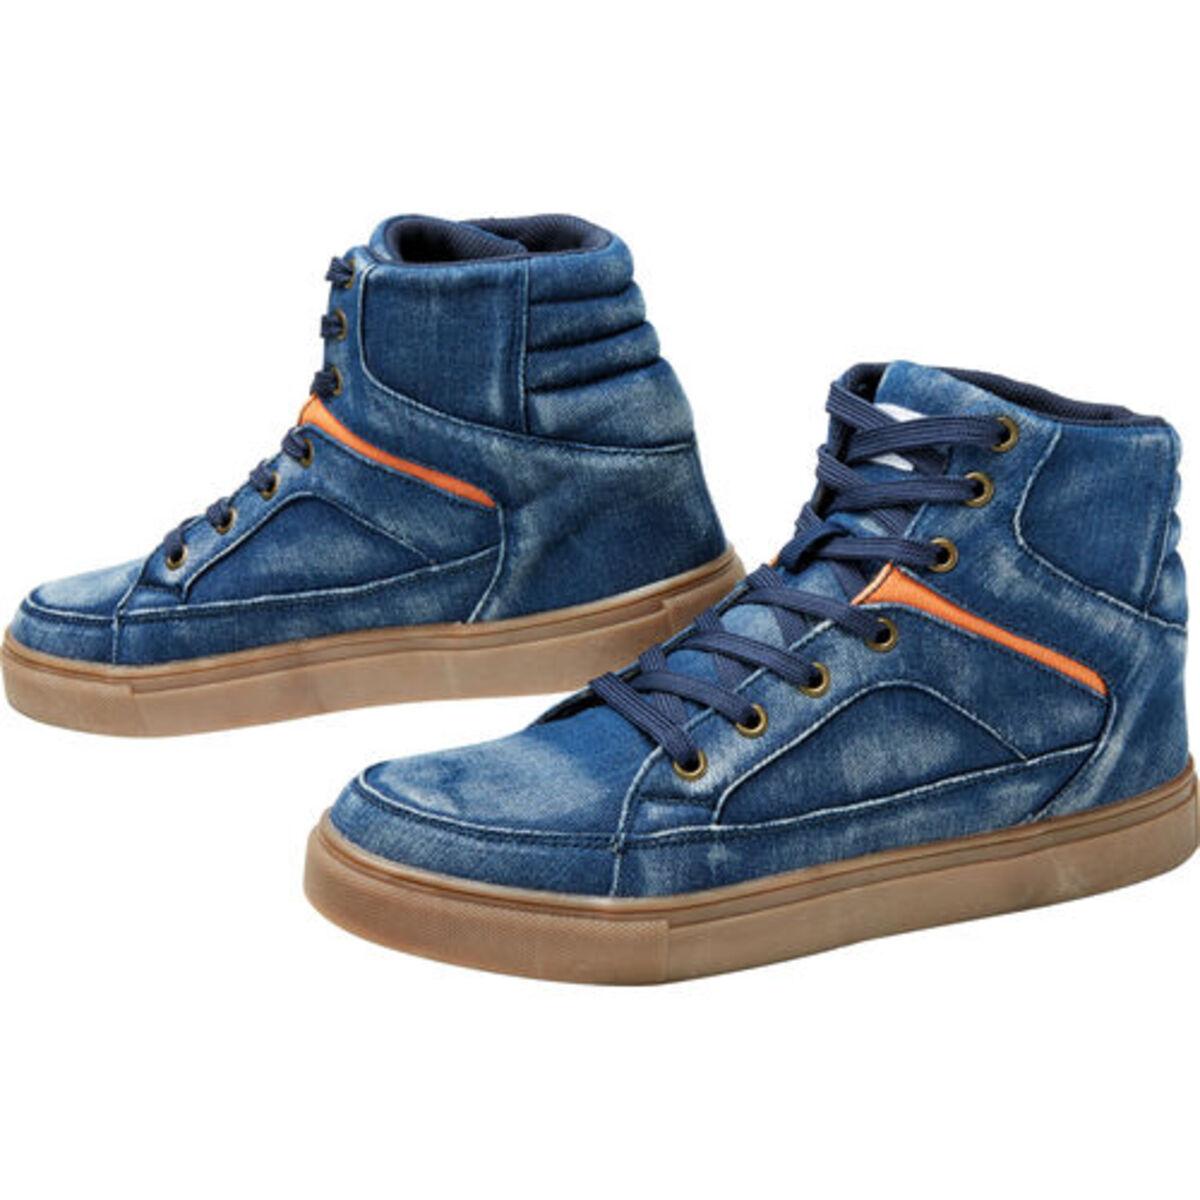 Bild 2 von FLM            Canvas Sneaker blau